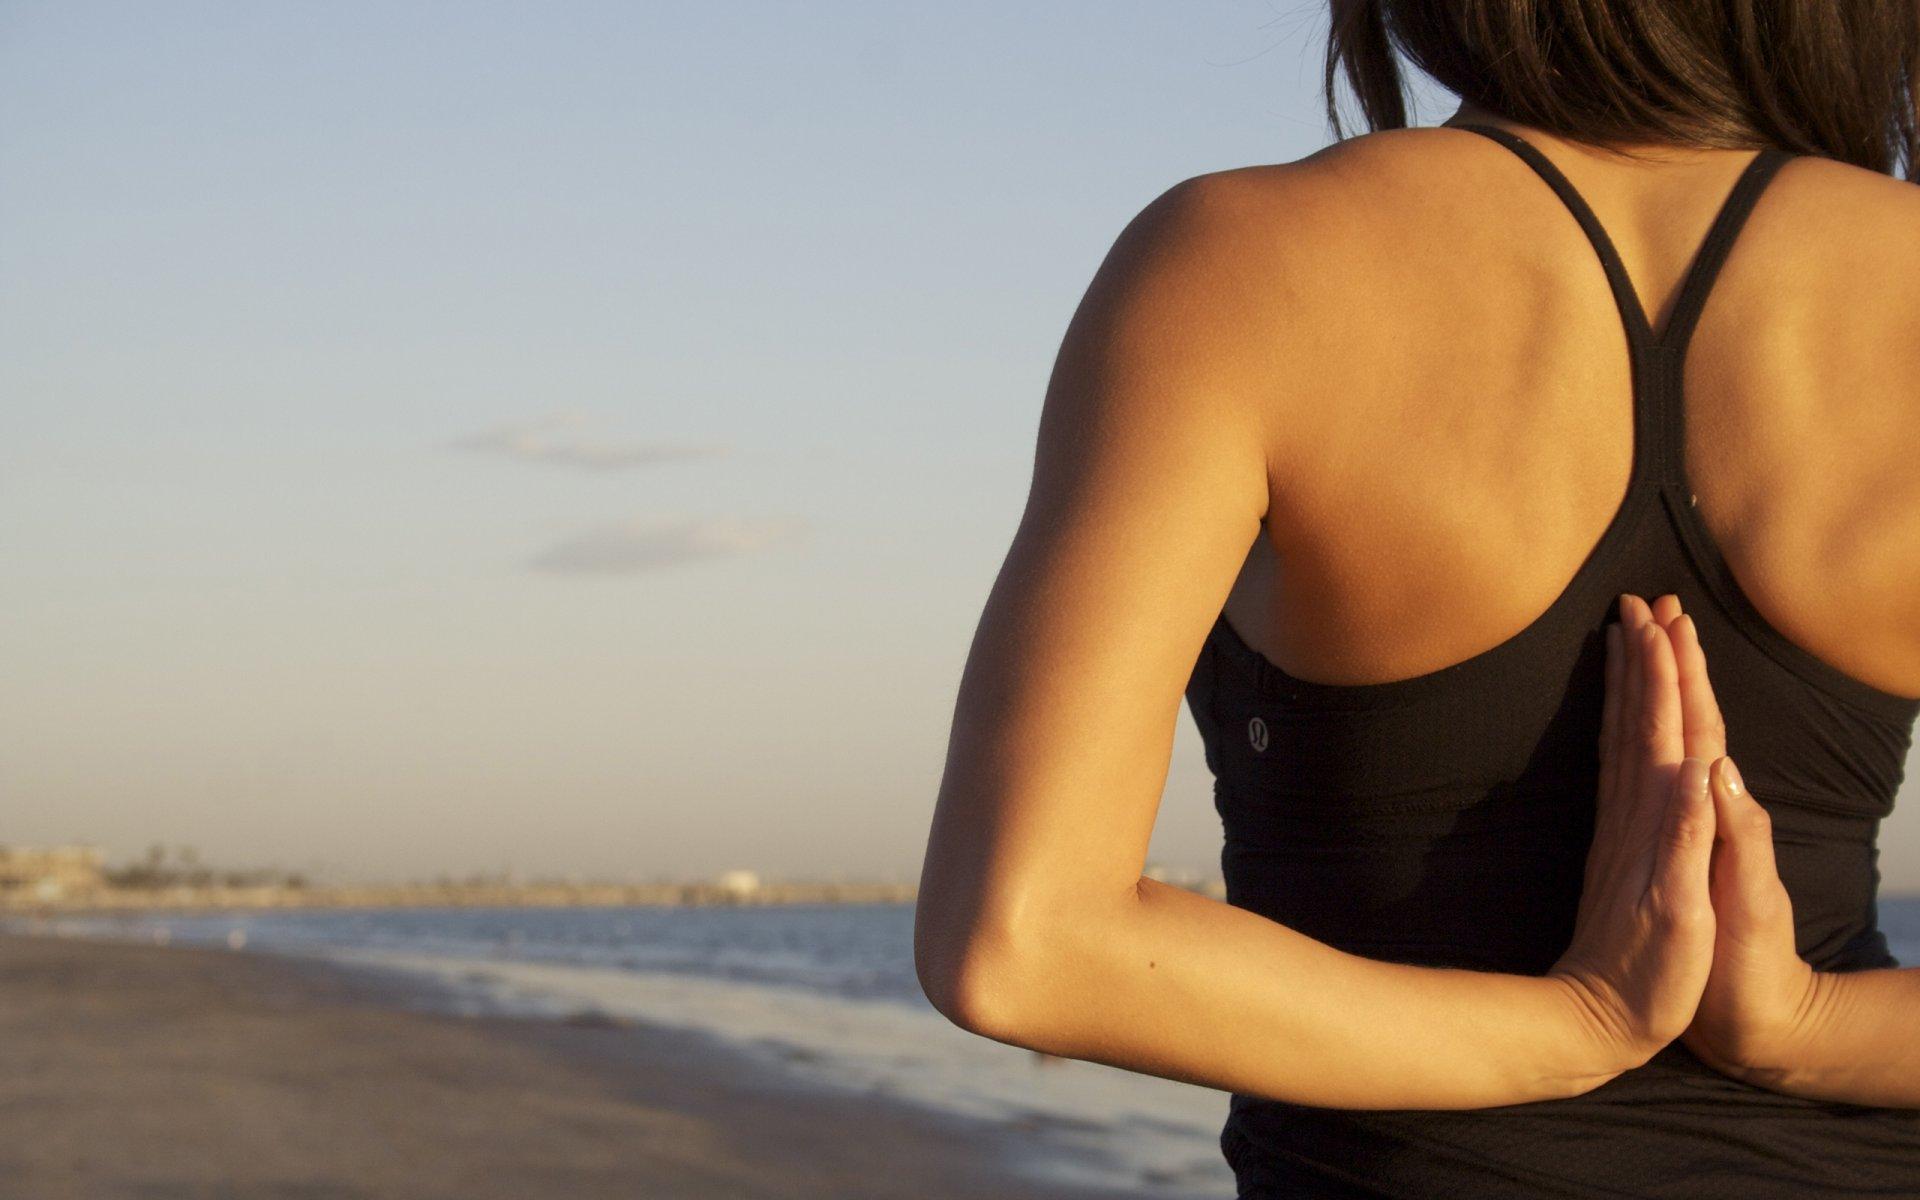 Прикольные, картинки женщин за 40 на аву со спины